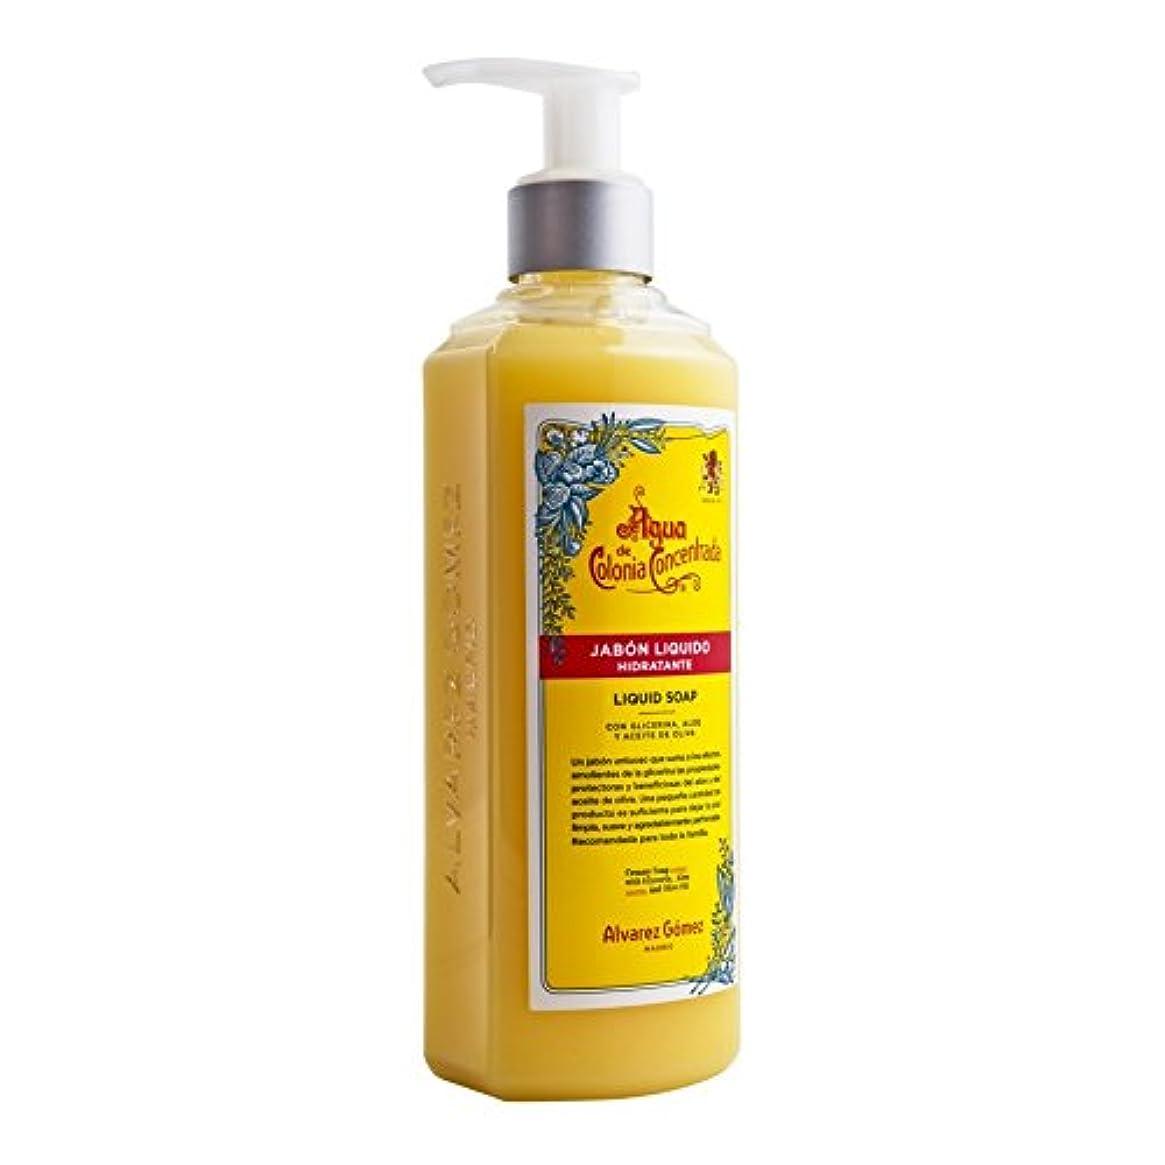 発生歩道起きて?lvarez G?mez Agua de Colonia Concentrada Liquid Soap 300ml - アルバレスゴメスアグアデコロニ液体石鹸300ミリリットル [並行輸入品]